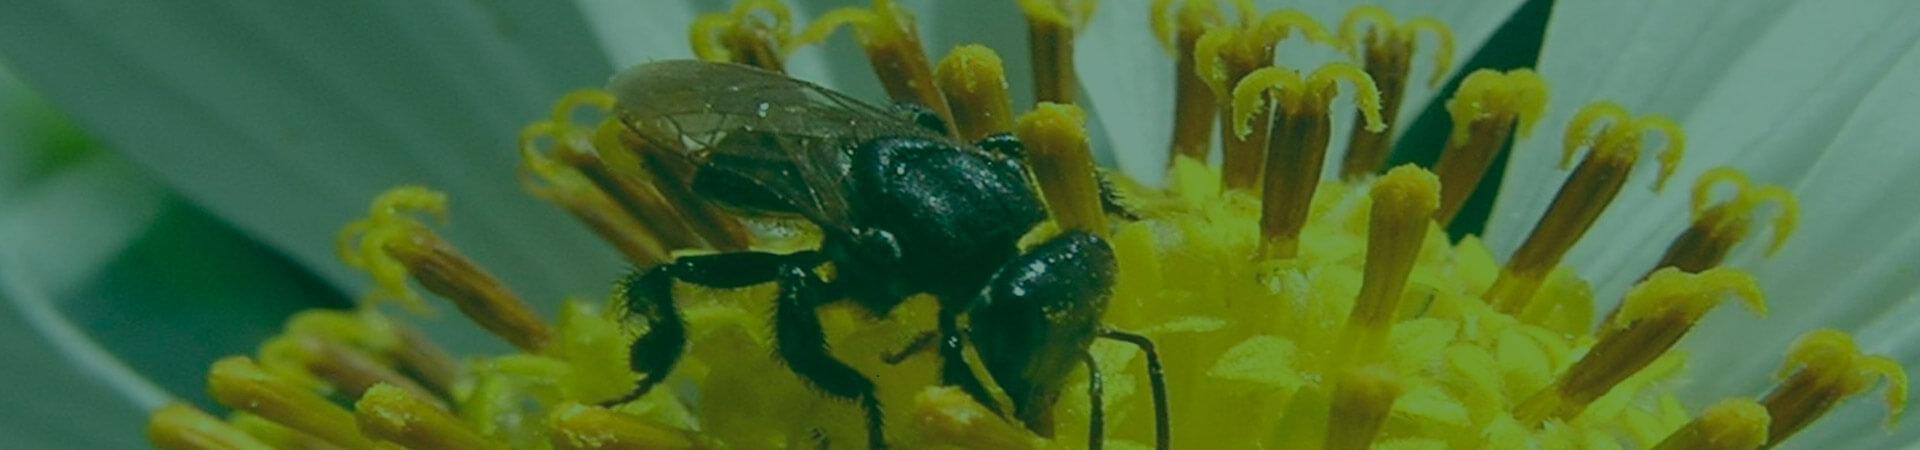 Controle biológico contribui para a preservação dos polinizadores em campo